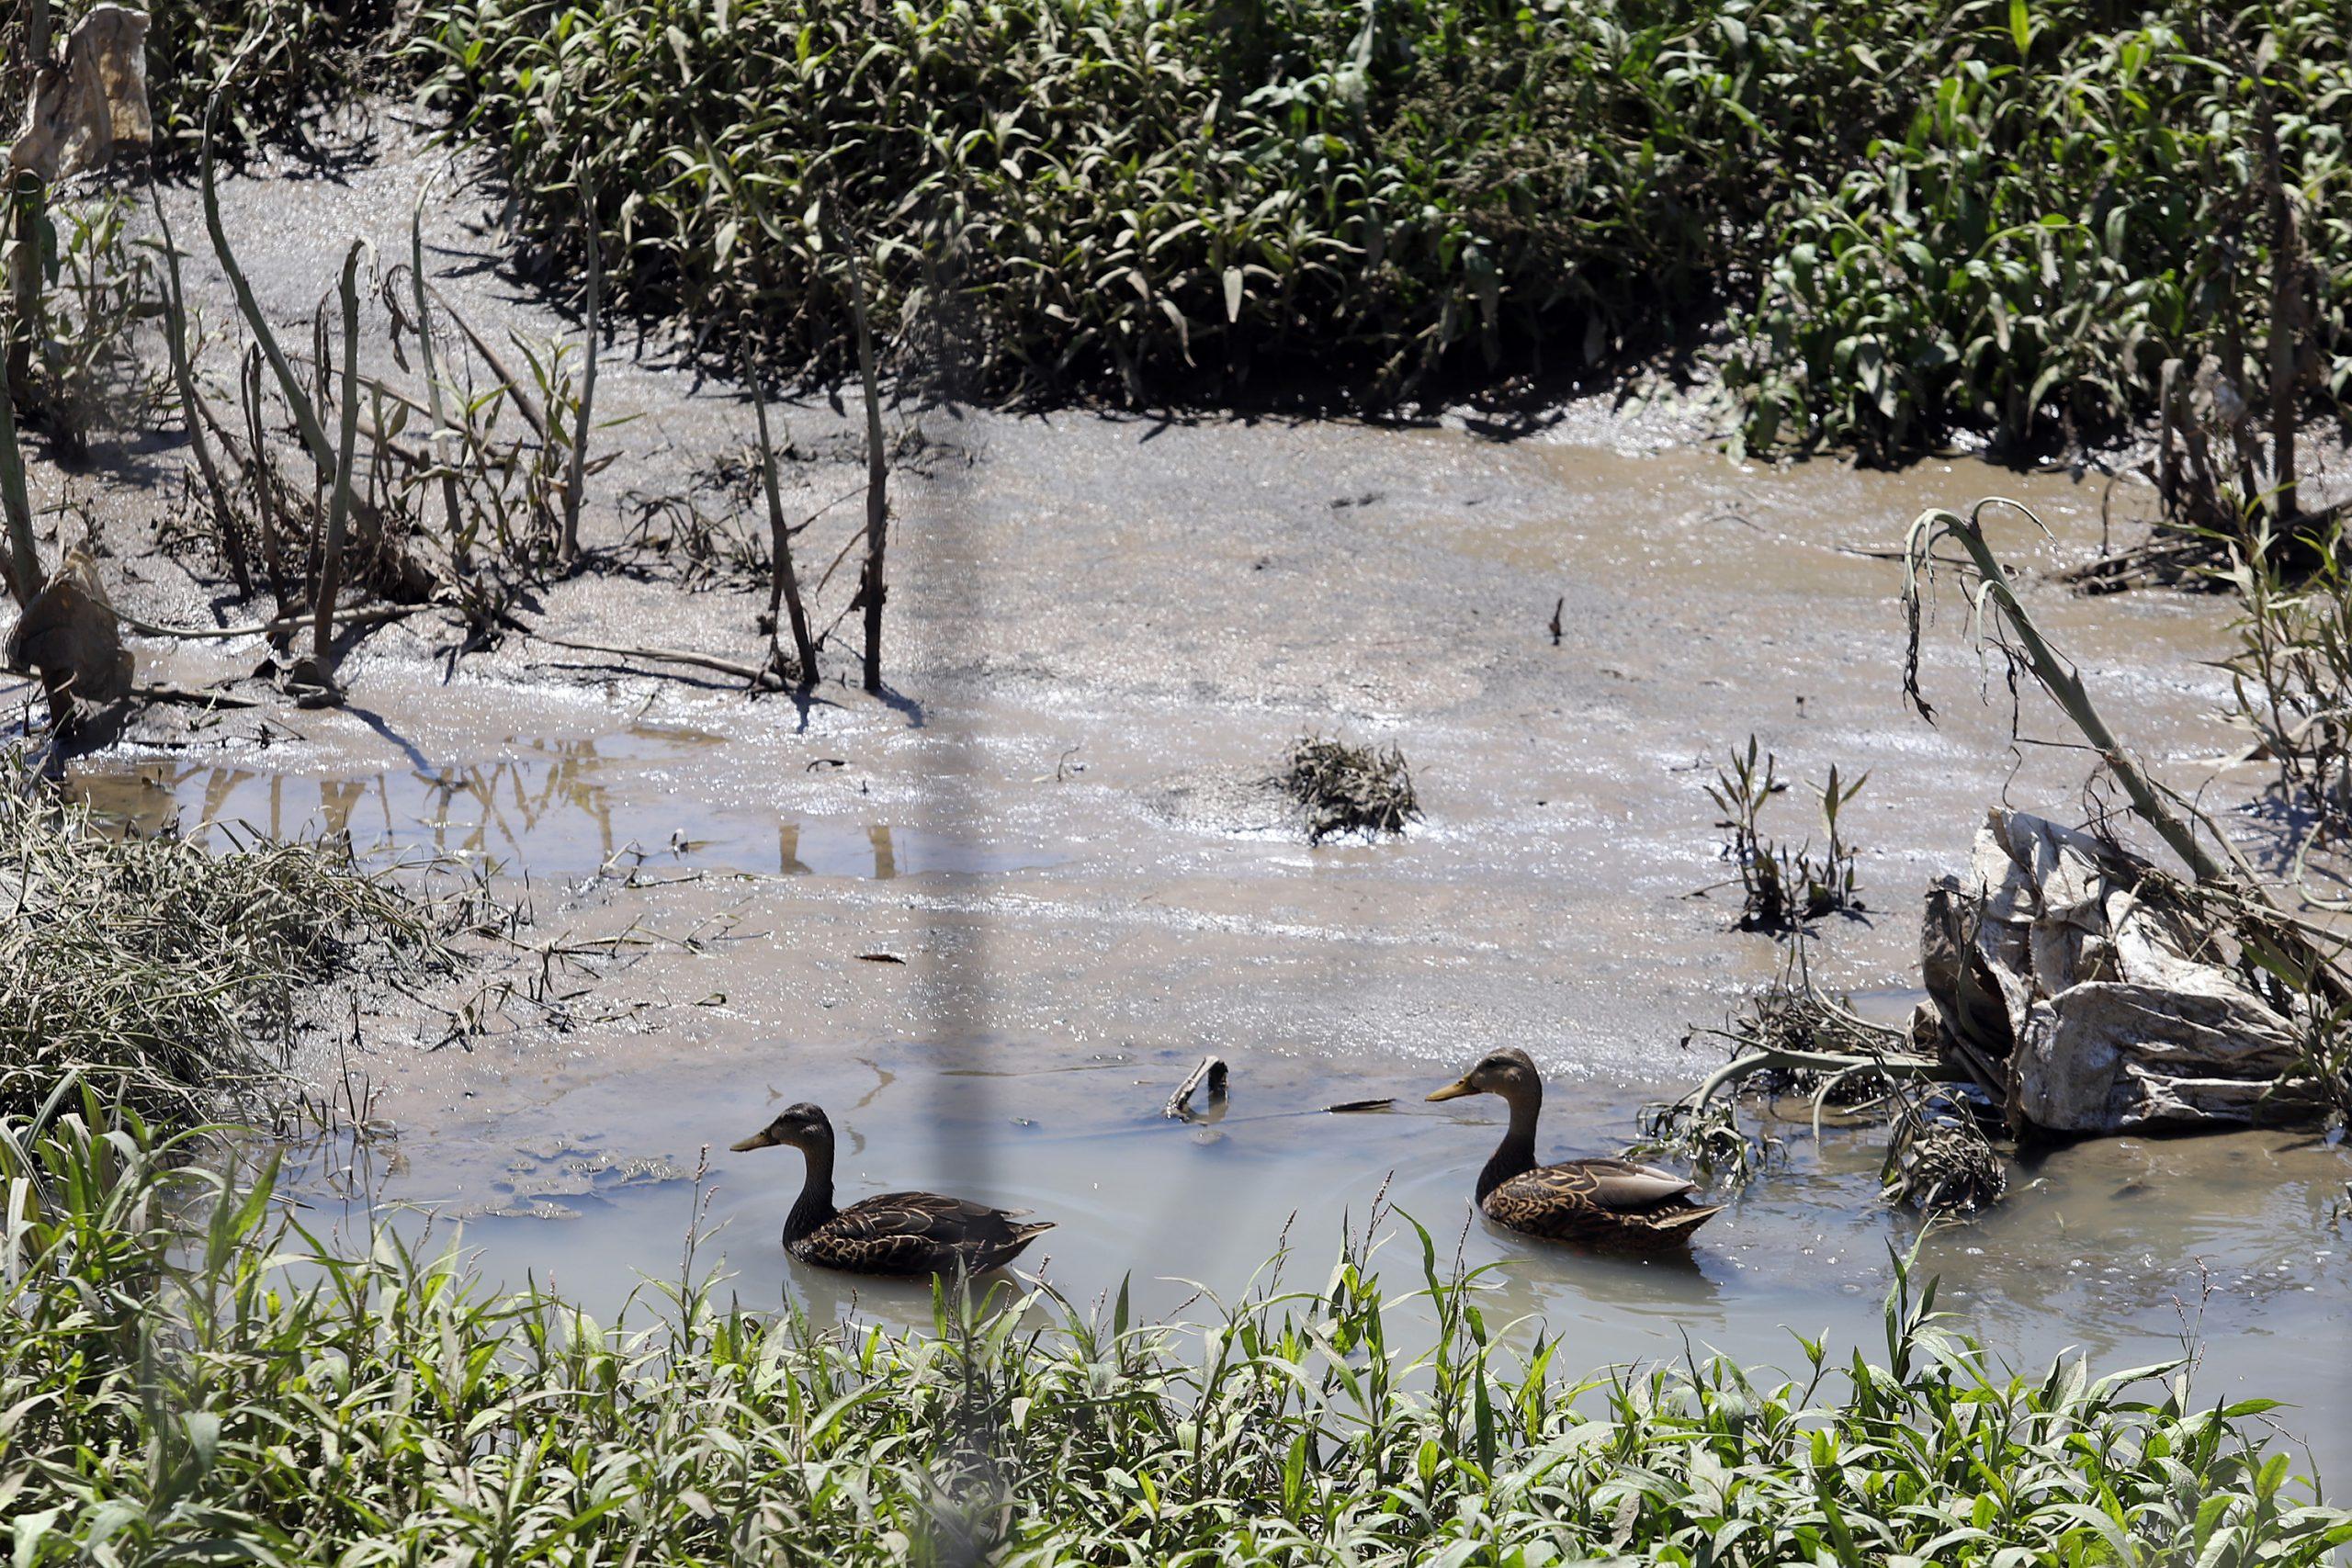 Una simulación foro para sanear río Atoyac, recomendado por CNDH: Centro Fray Julián Garcés